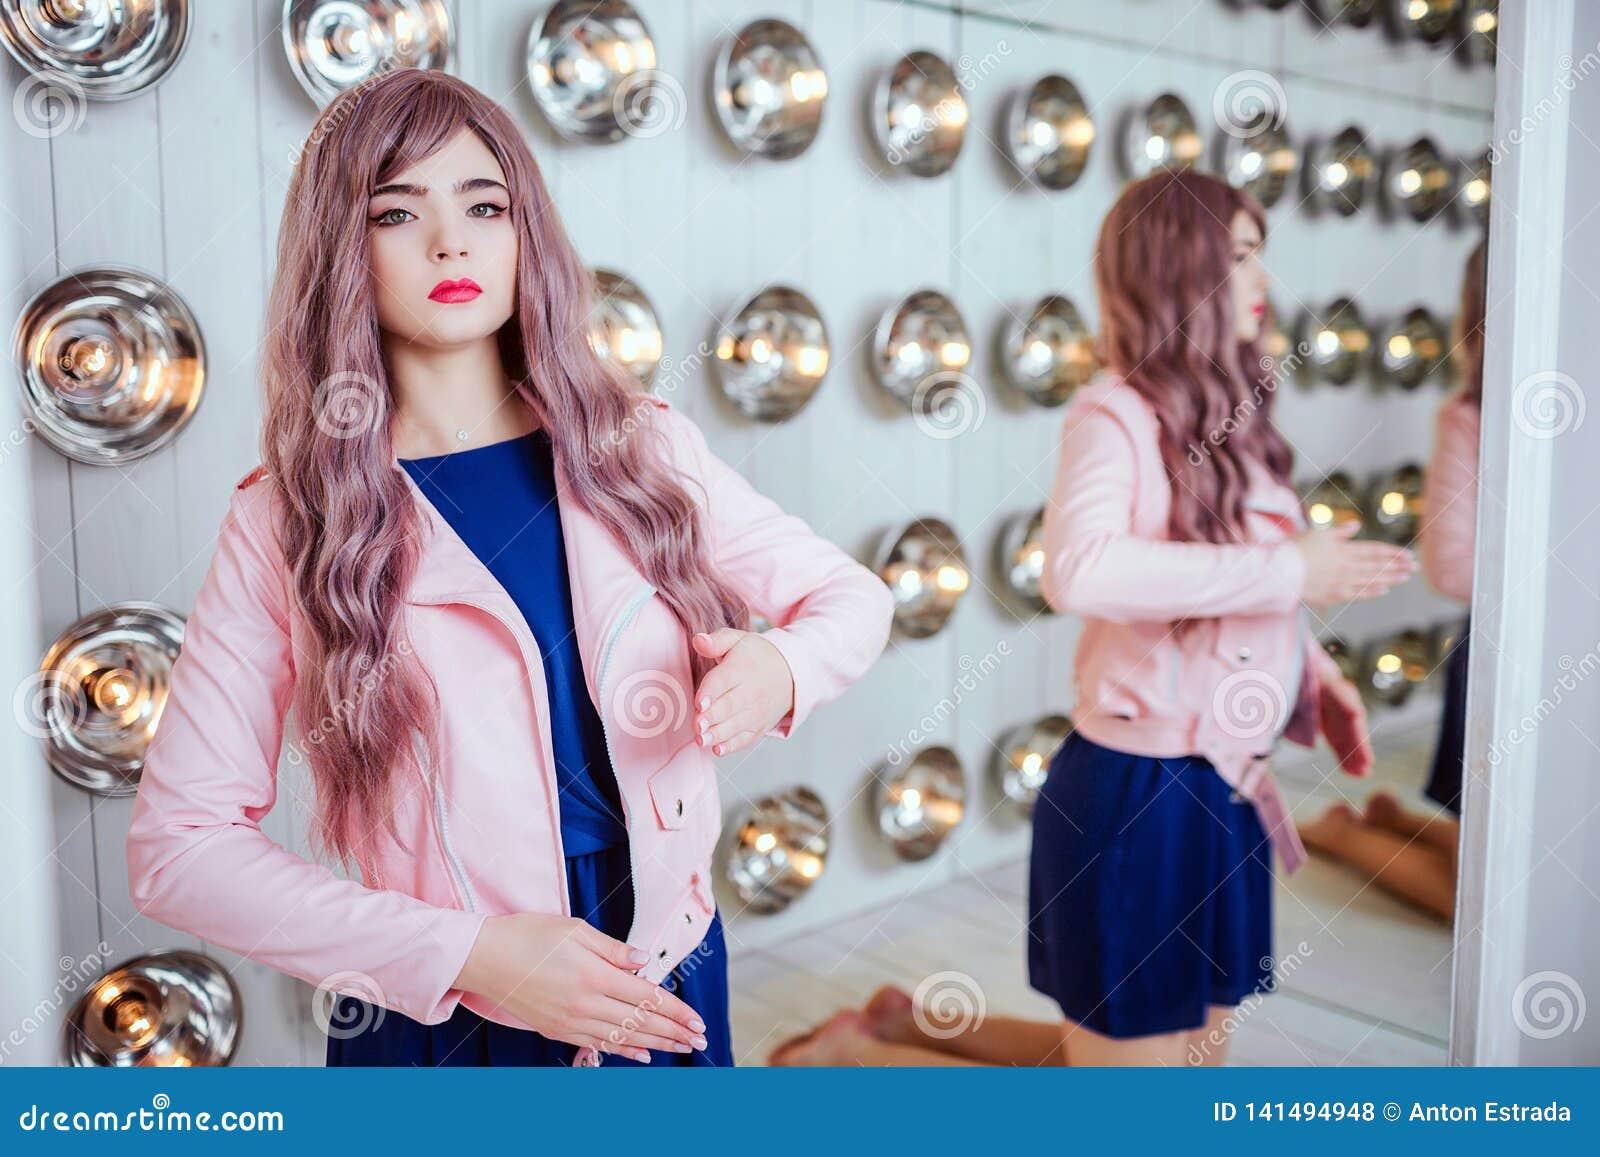 Phénomène de mode La fille synthétique de charme, la fausse poupée avec le regard vide et les longs cheveux lilas s assied dans l